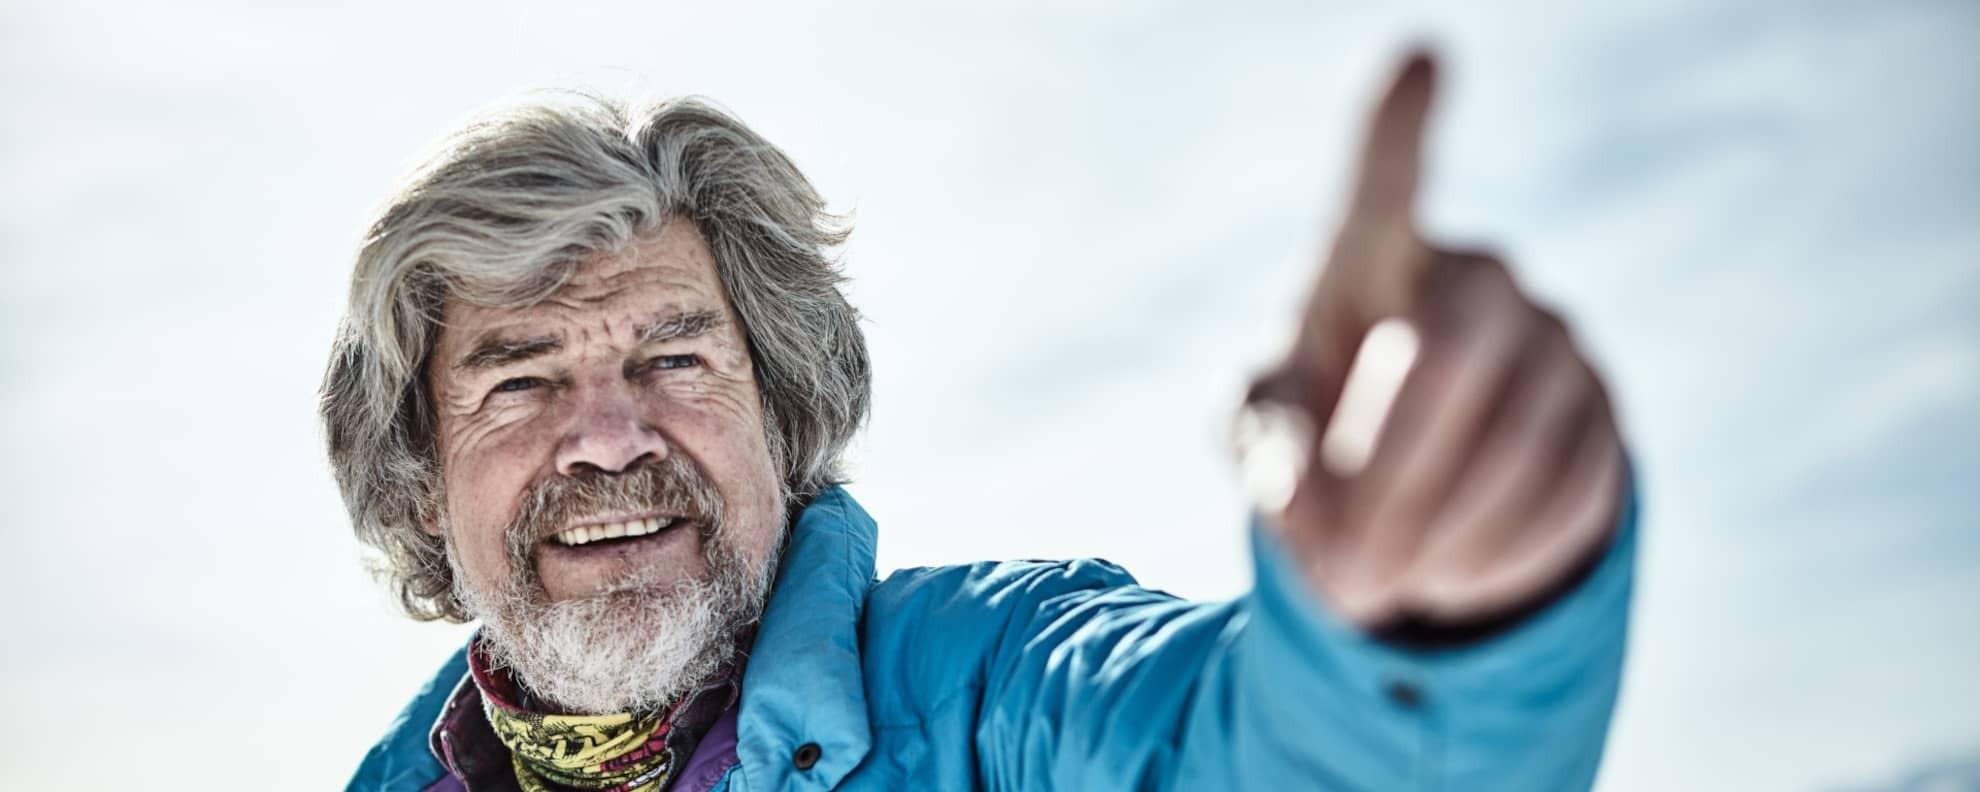 10 inspirierende Sprüche für mehr Motivation von Reinhold Messner